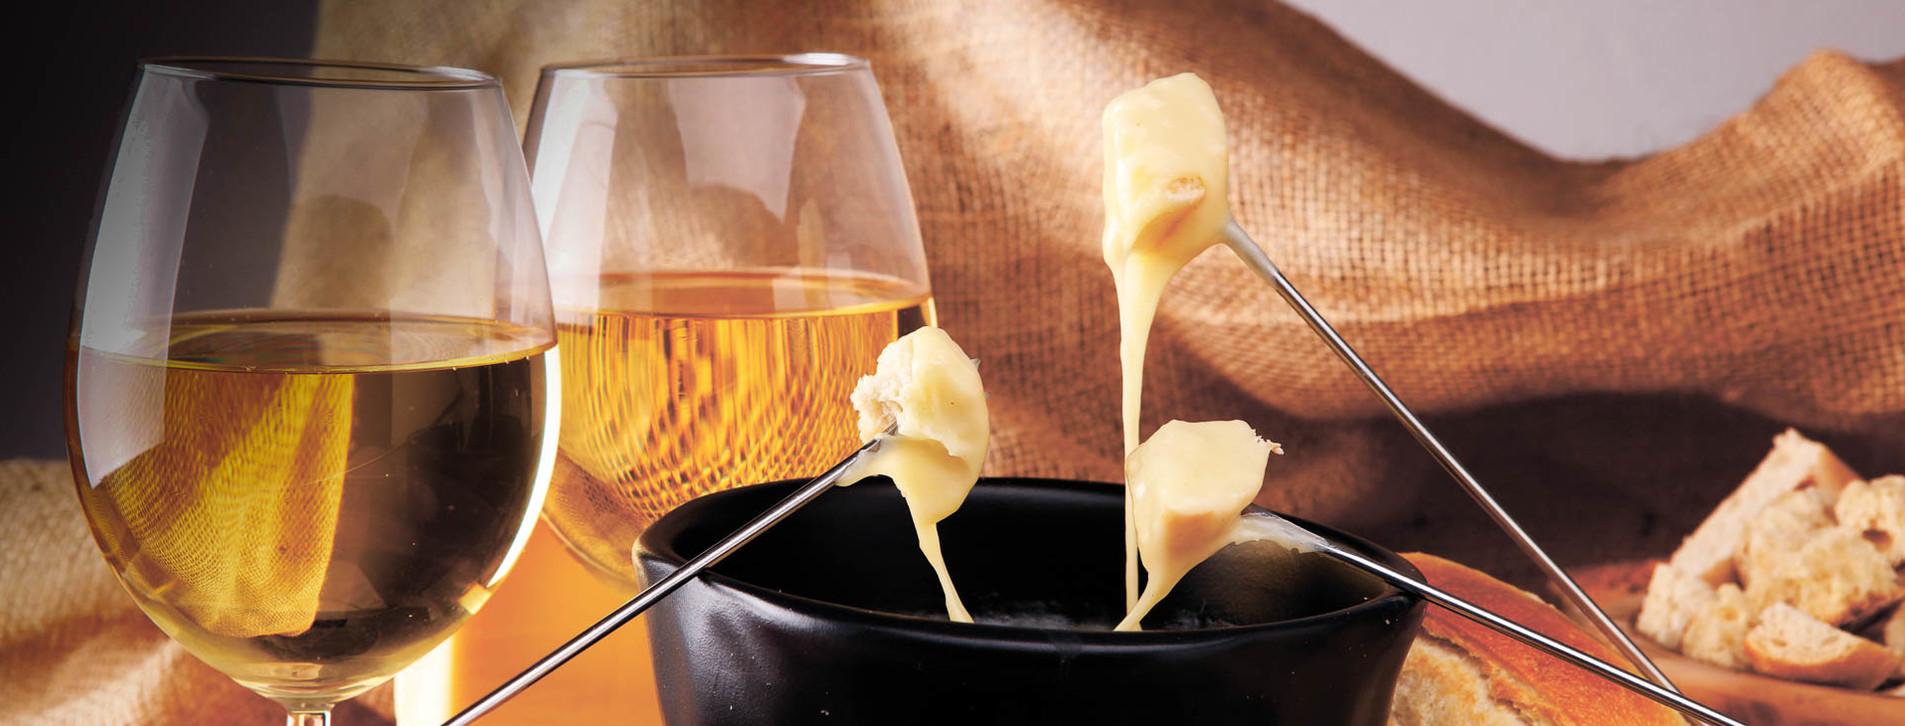 Фото - Вино та фондю для компанії